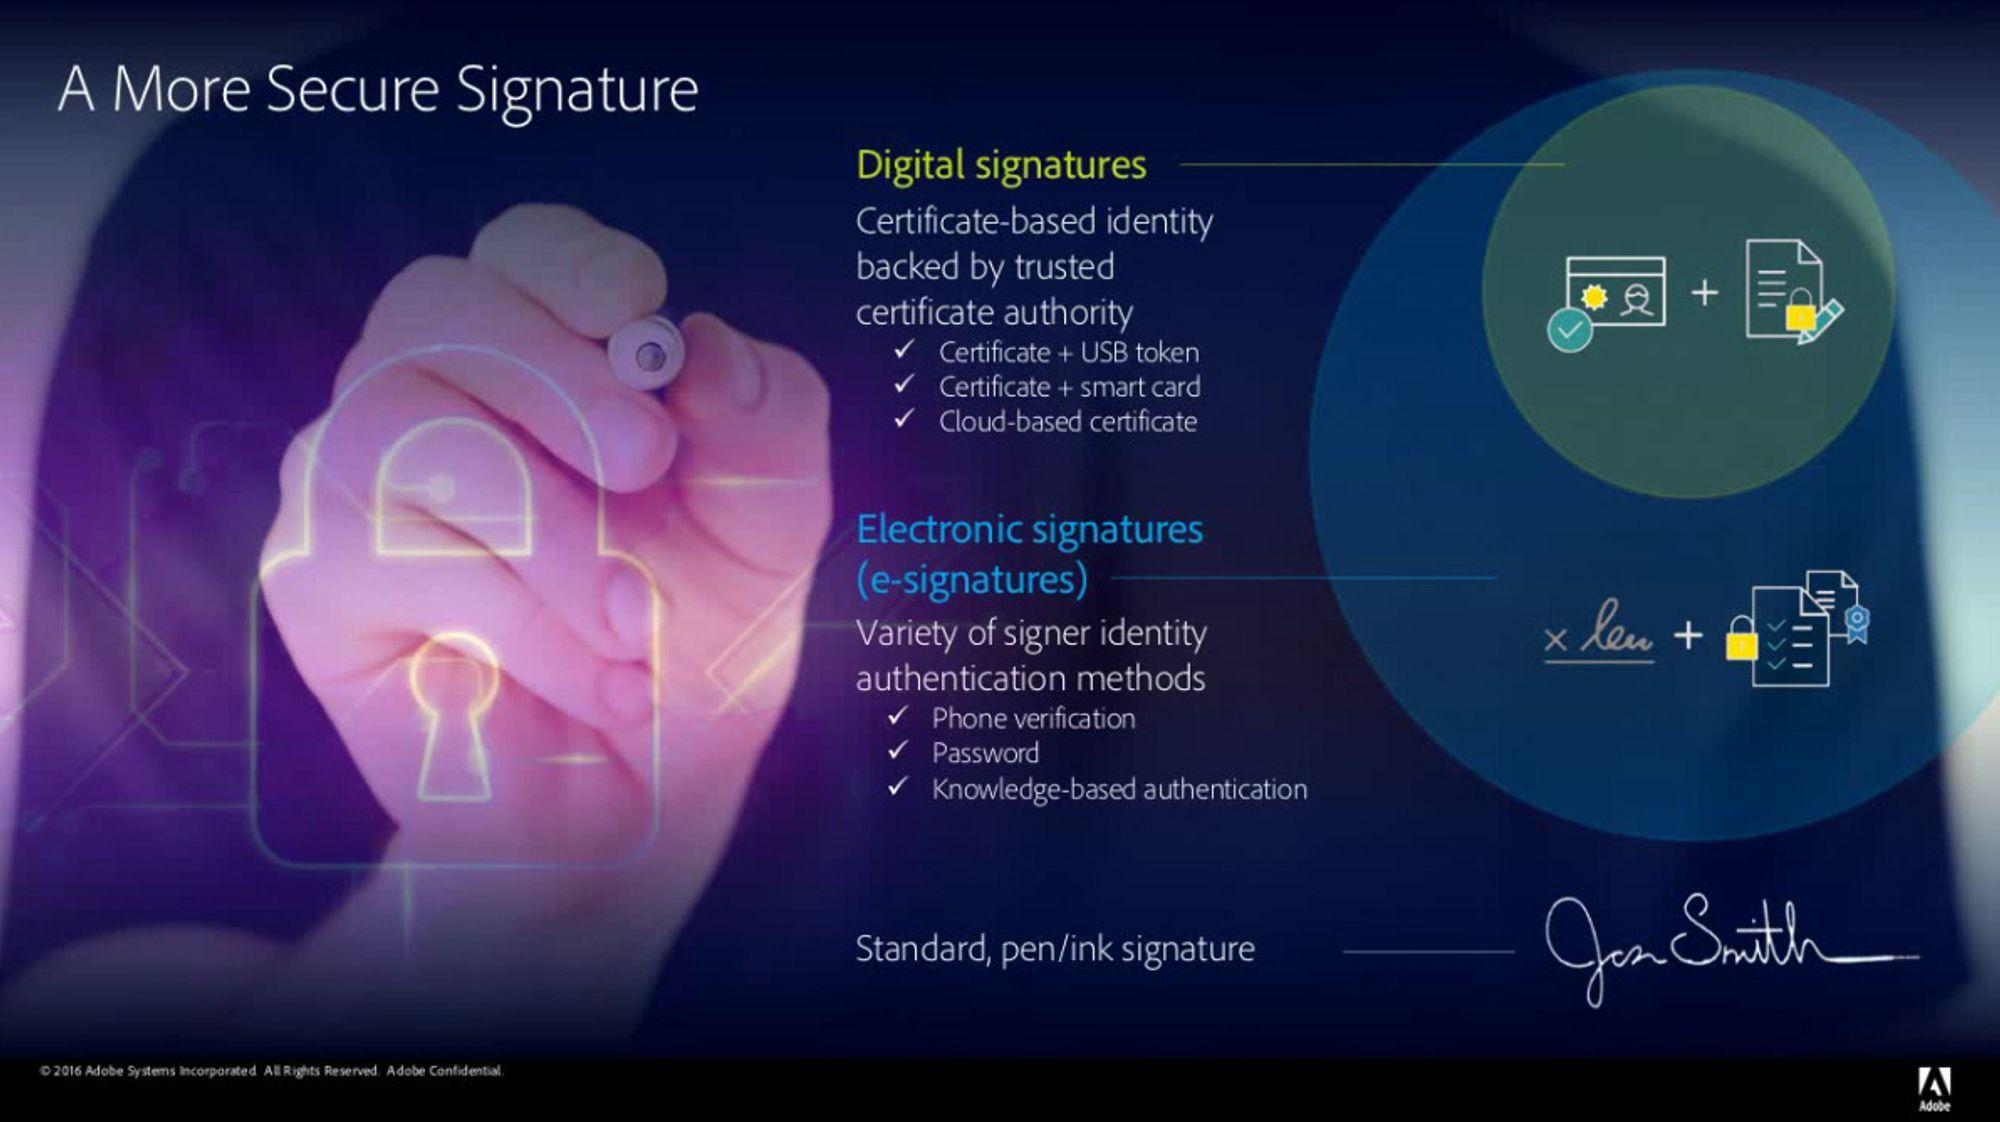 Ifølge Adobe er digitale signaturer sikrere enn elektroniske signaturer. Vanlige, håndskrevne signaturer er enklest å forfalske.